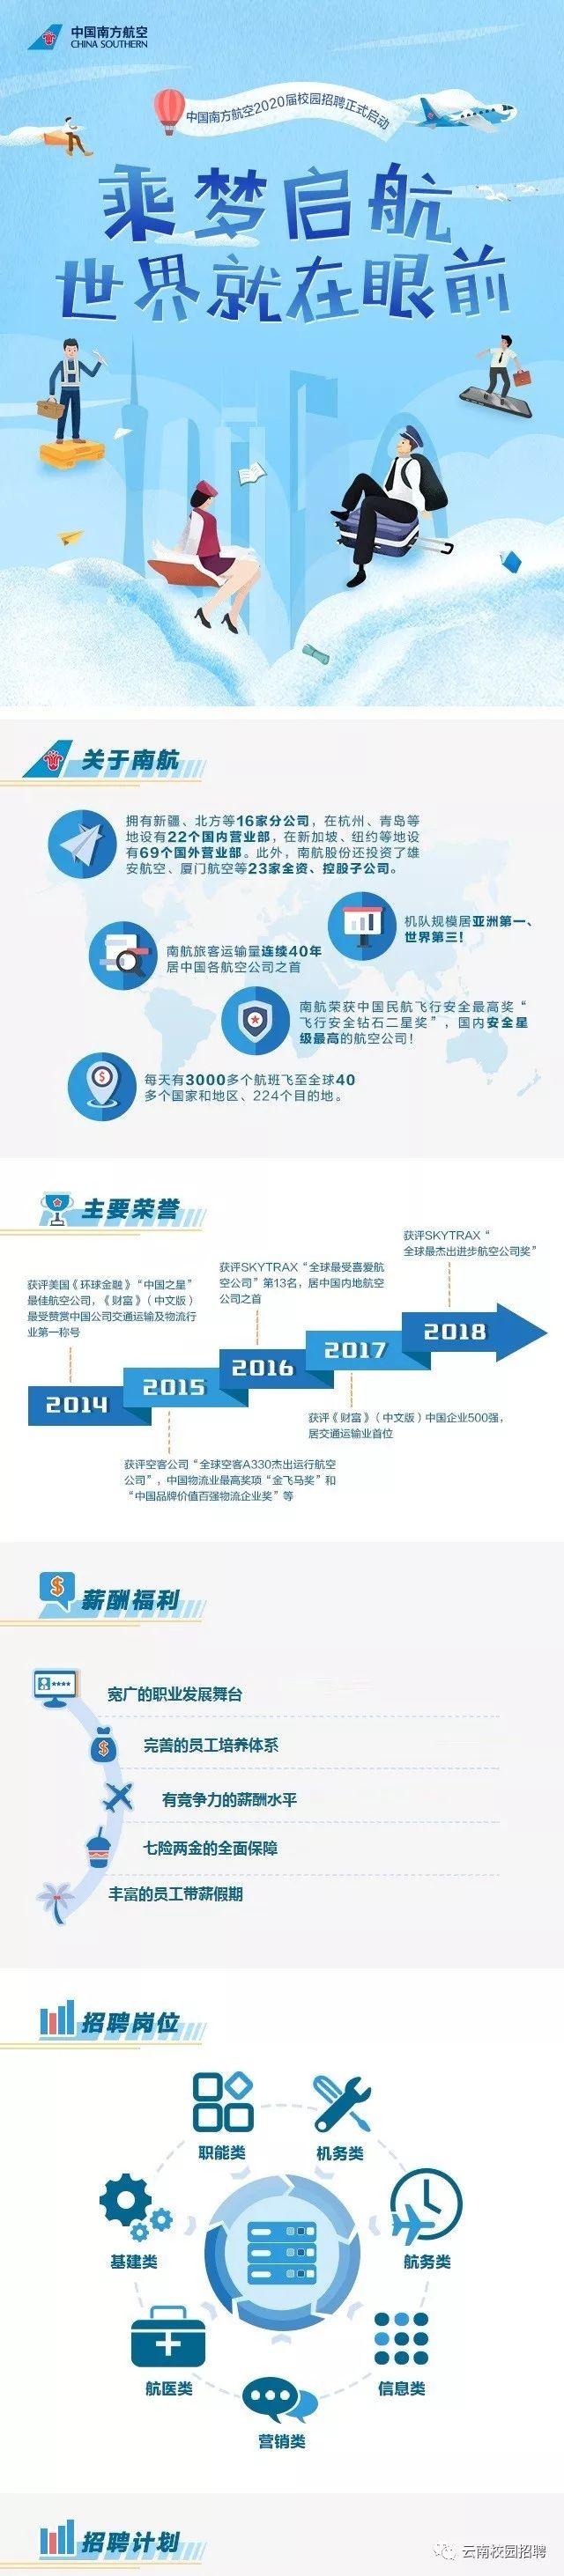 中國南方航空雲南分公司2020年招聘公告